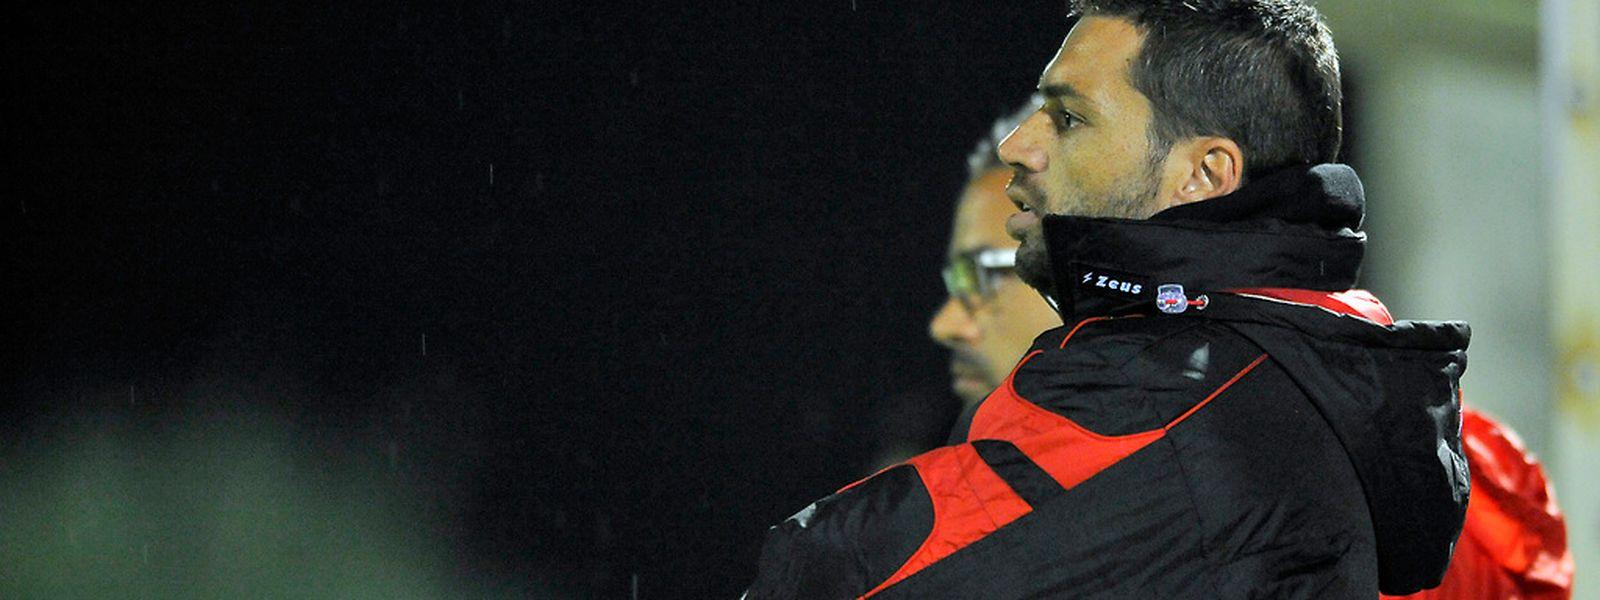 Dany Duarte regrette le manque de réalisme de son équipe. «On mène 2-0 après 30 minutes et on encaisse deux fois en seconde période sur des fautes individuelles.»